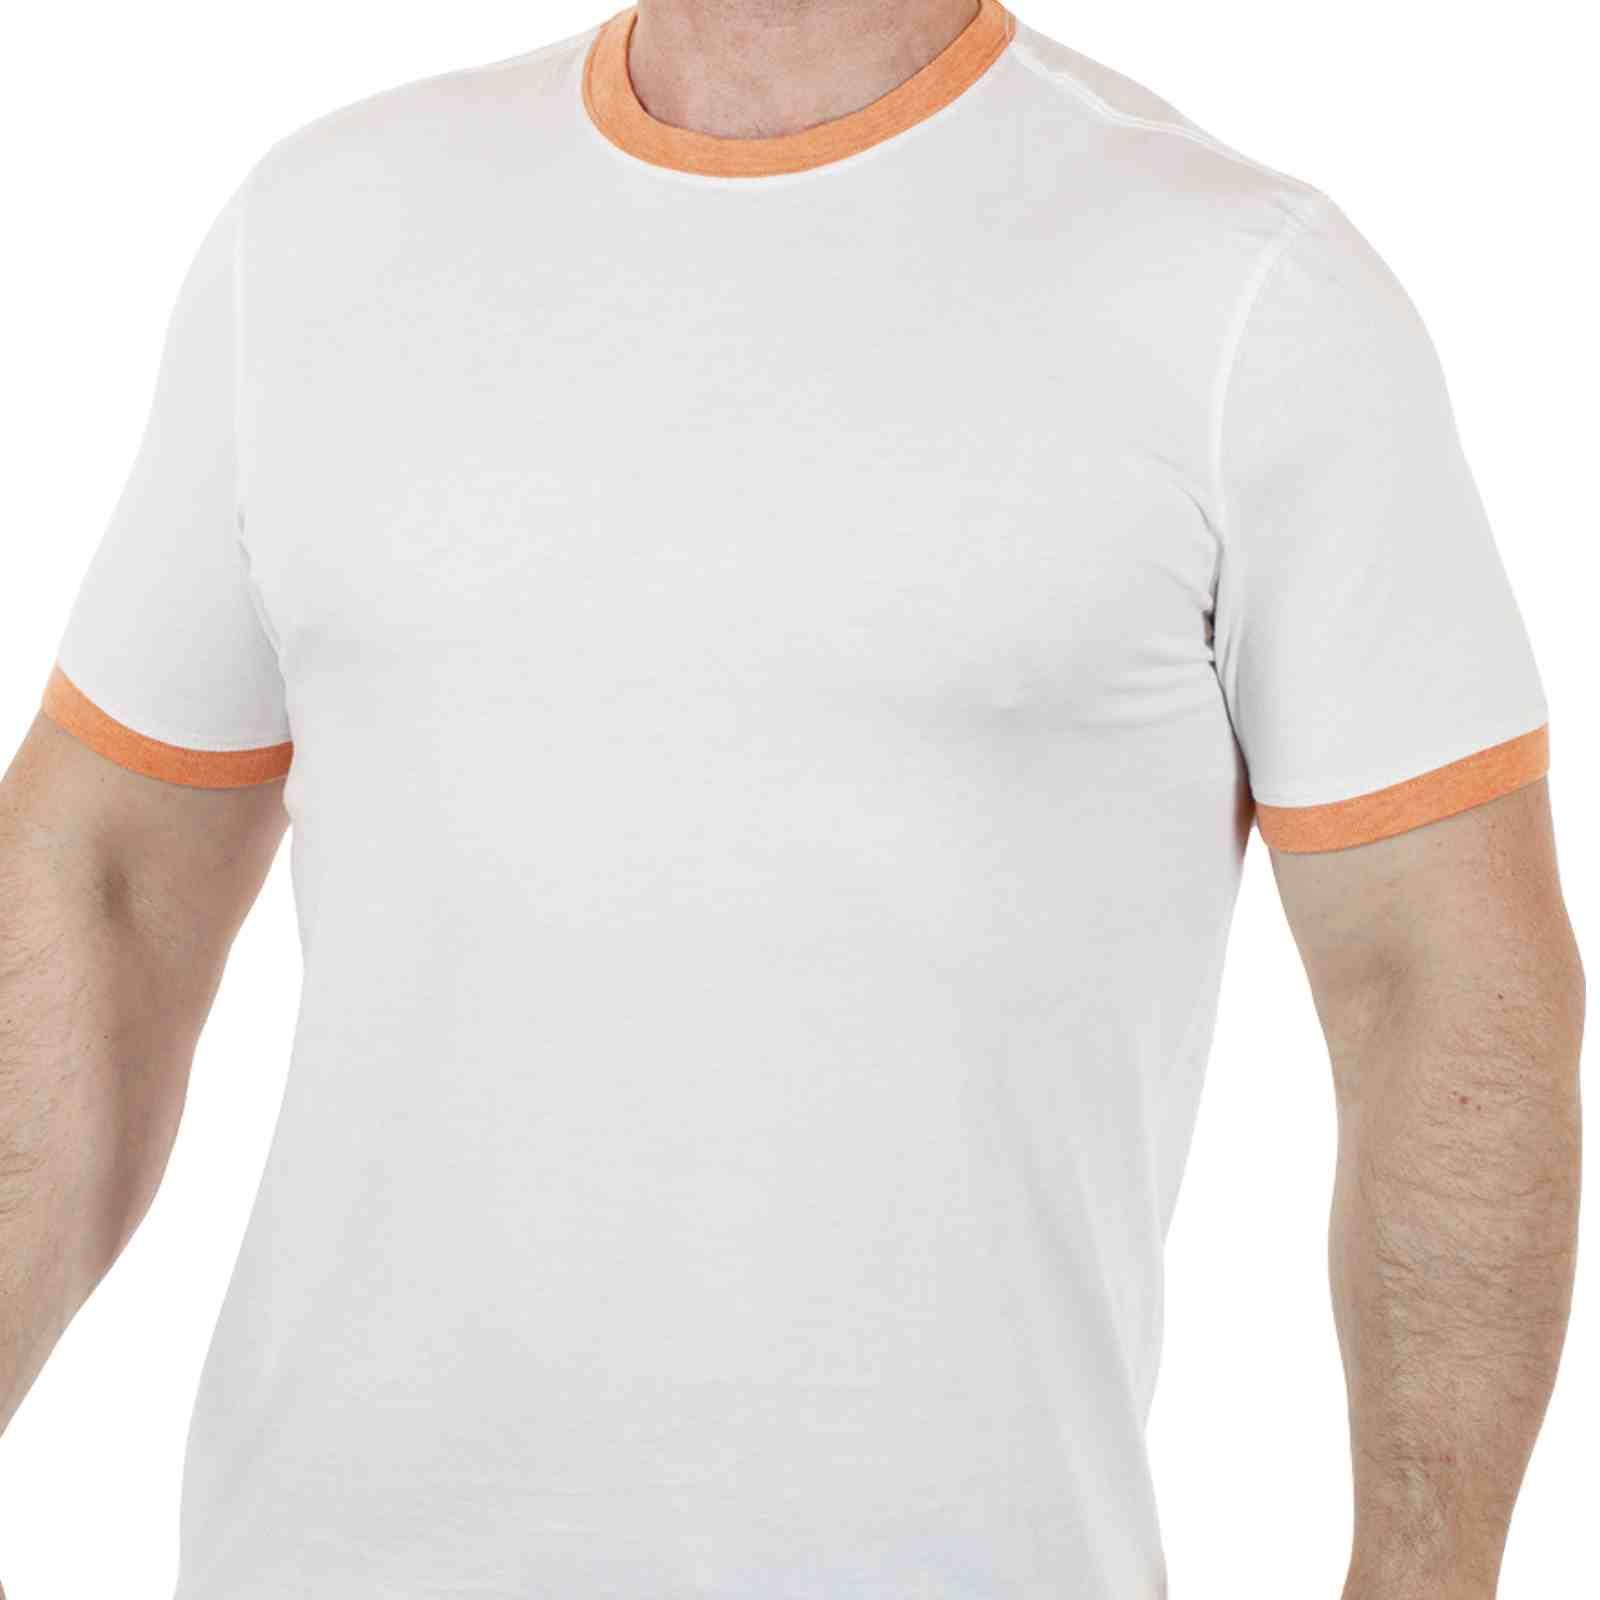 Мужская футболка Express - классика из США-главная